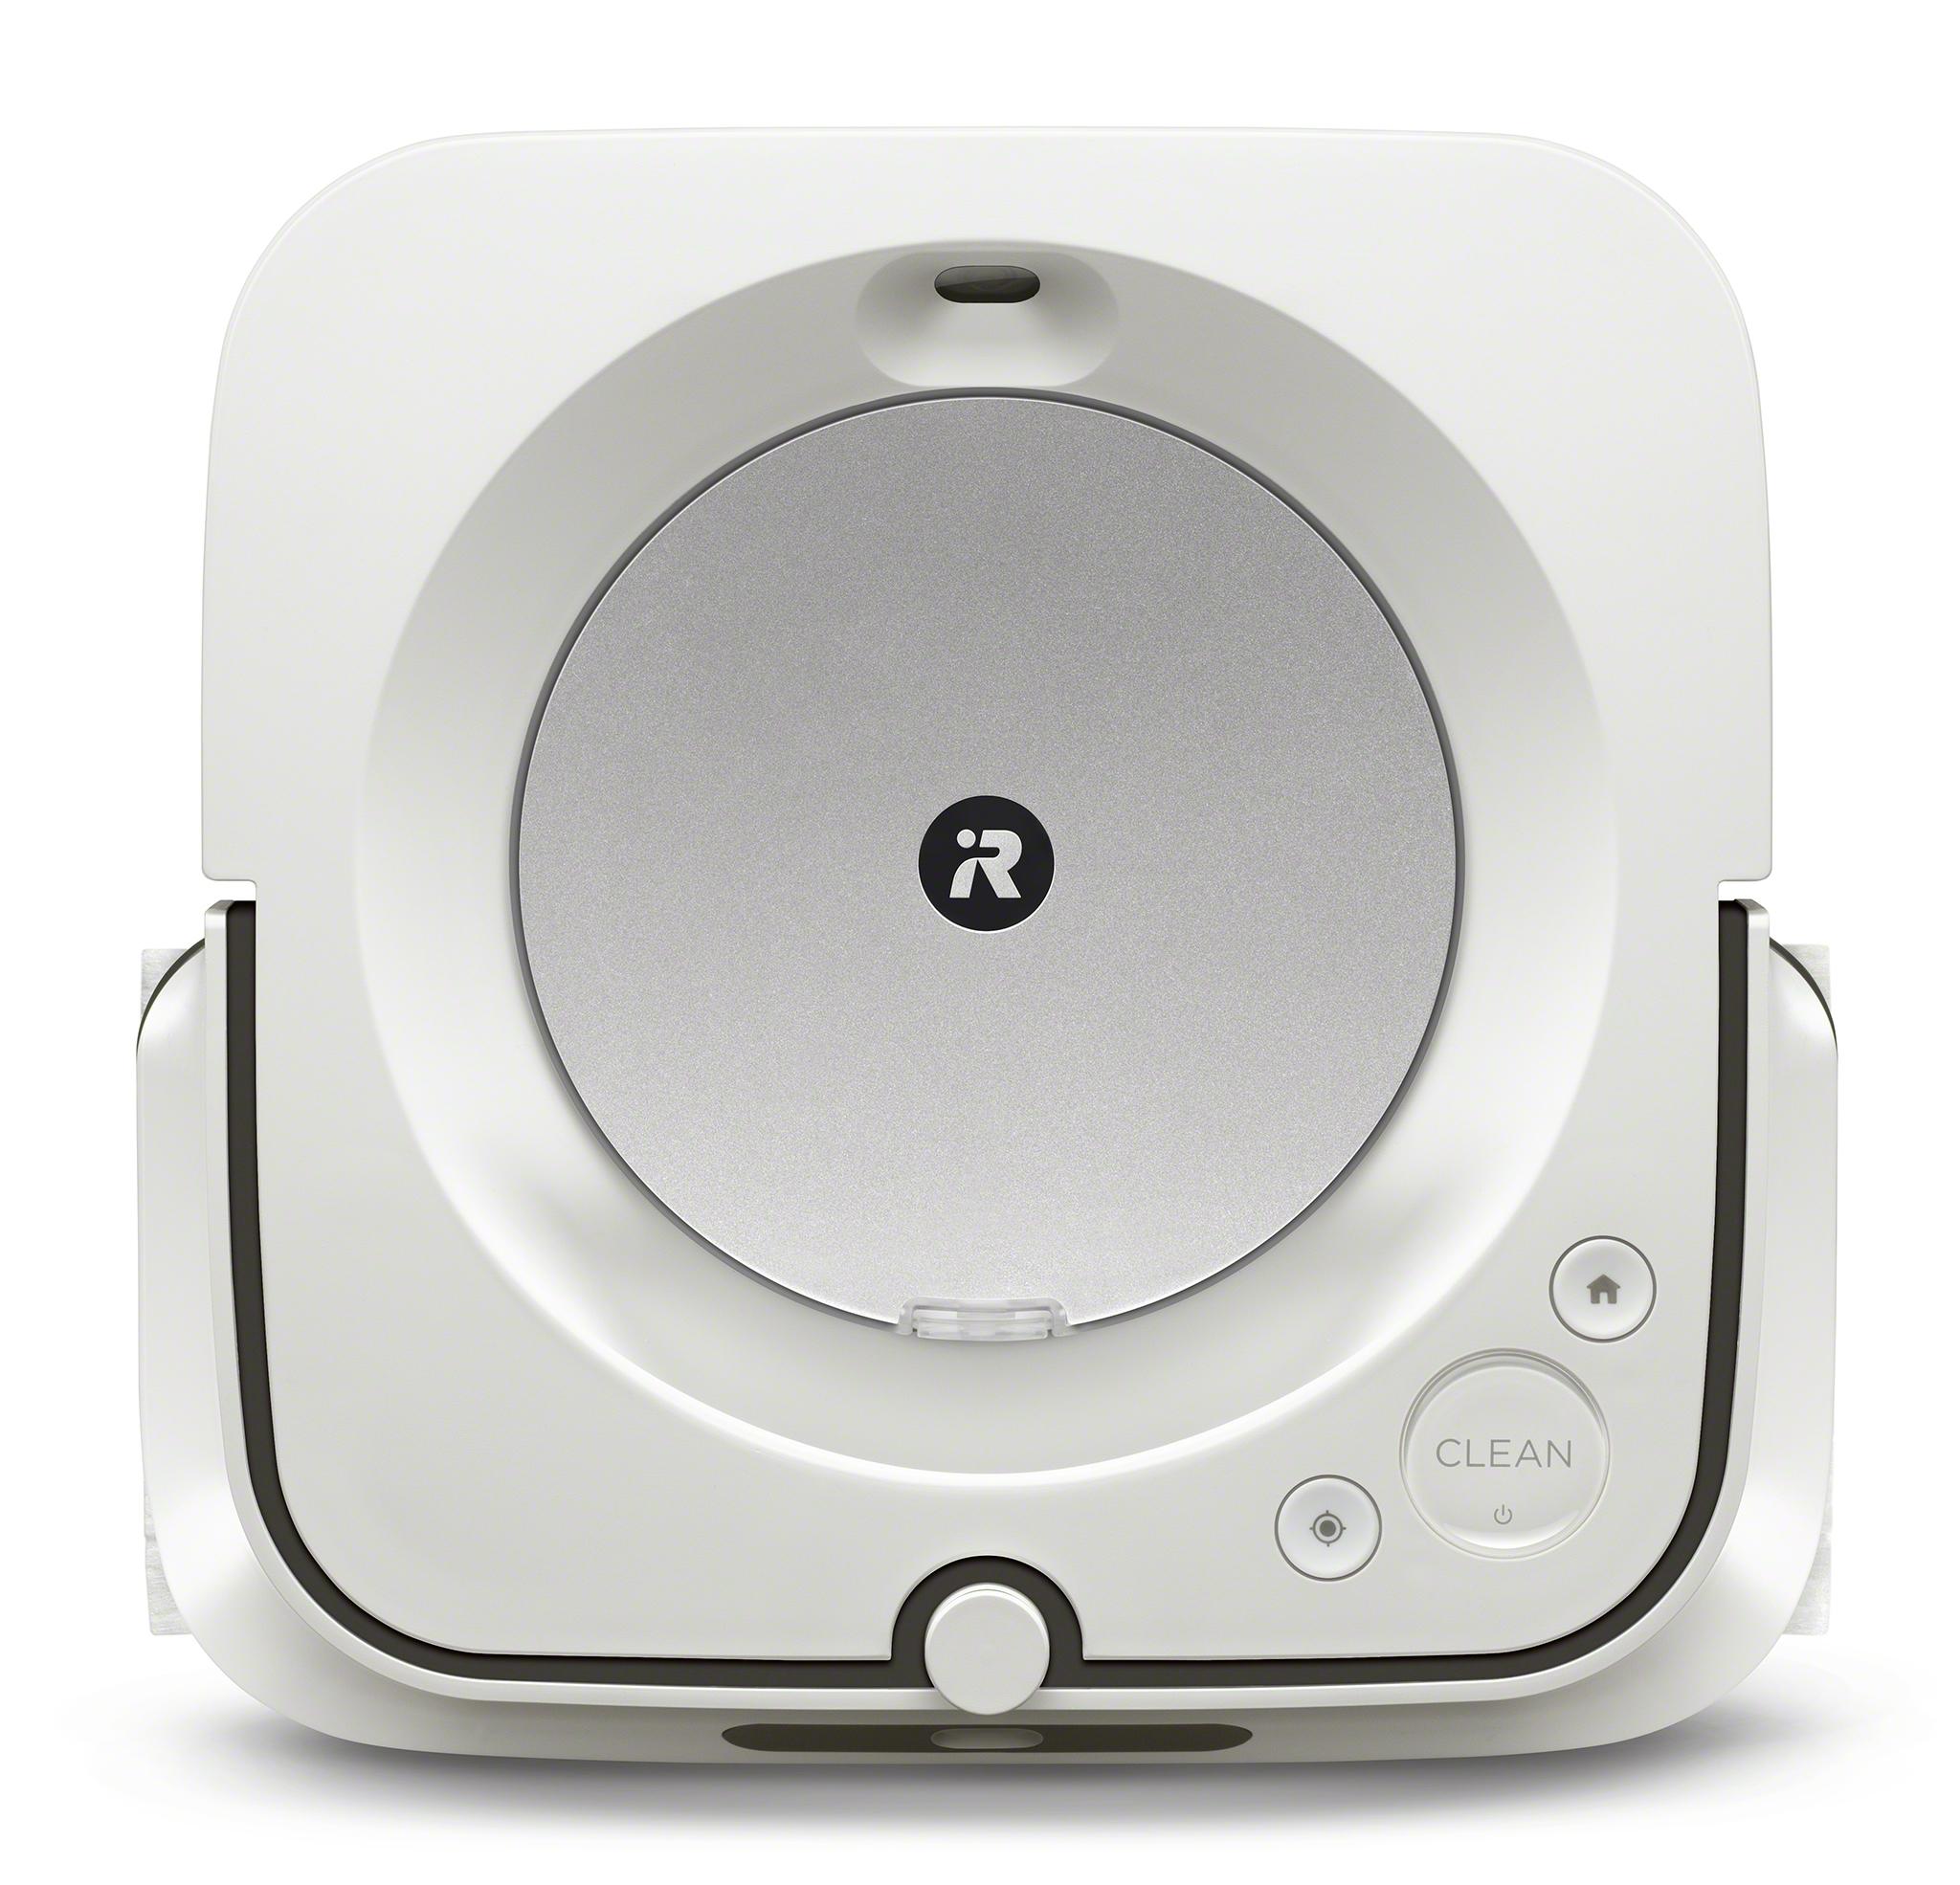 【アイロボット】ロボット掃除機 ルンバe5/床拭きロボット ブラーバ ジェットm6 セット ホワイト